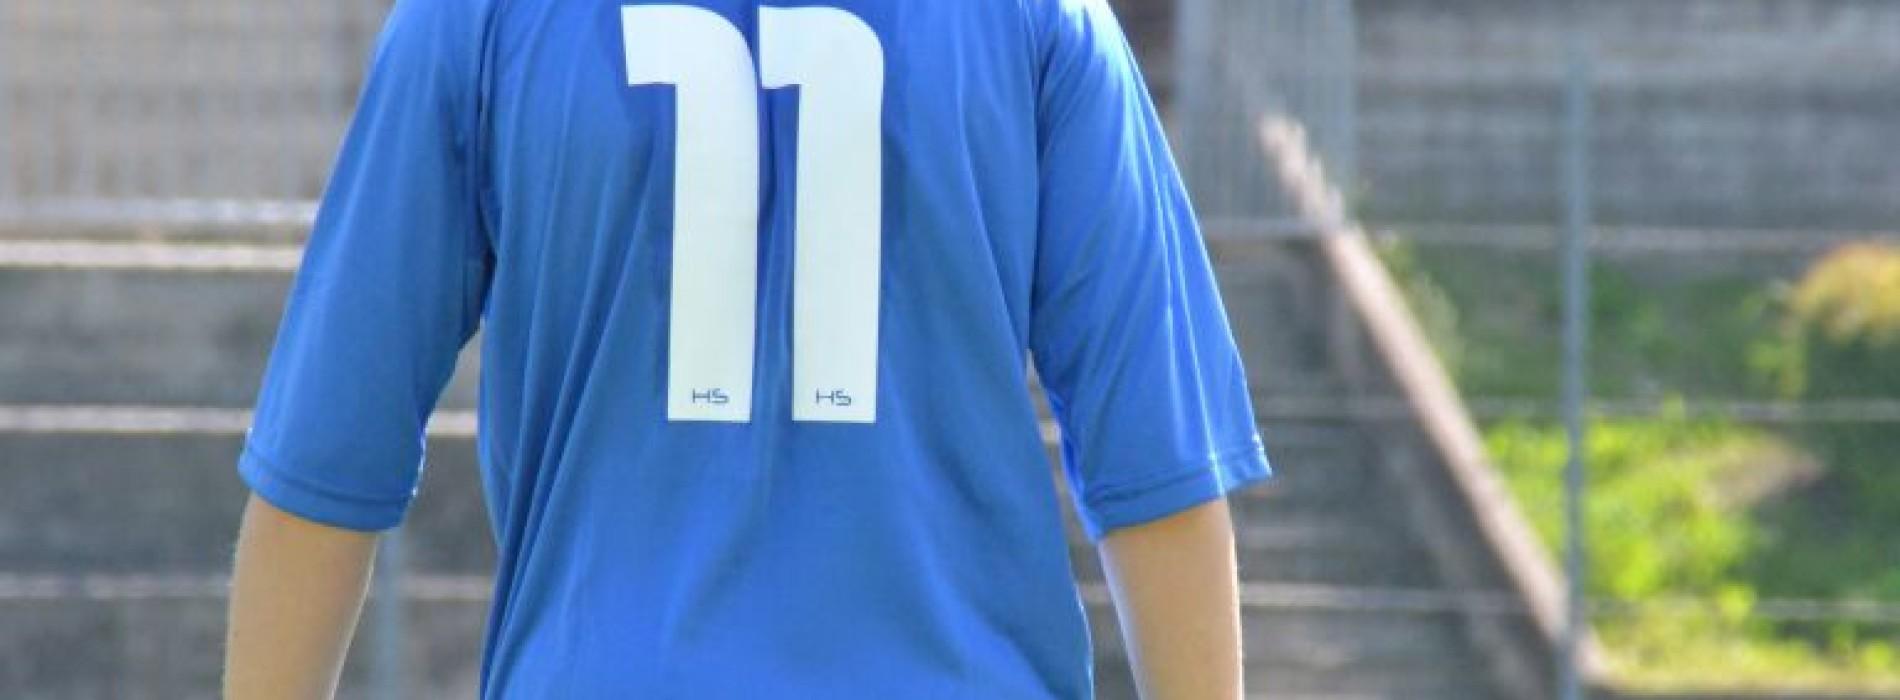 """Lavano: """"Indossare la maglia della Nazionale Lnd U17 mi inorgoglisce"""""""